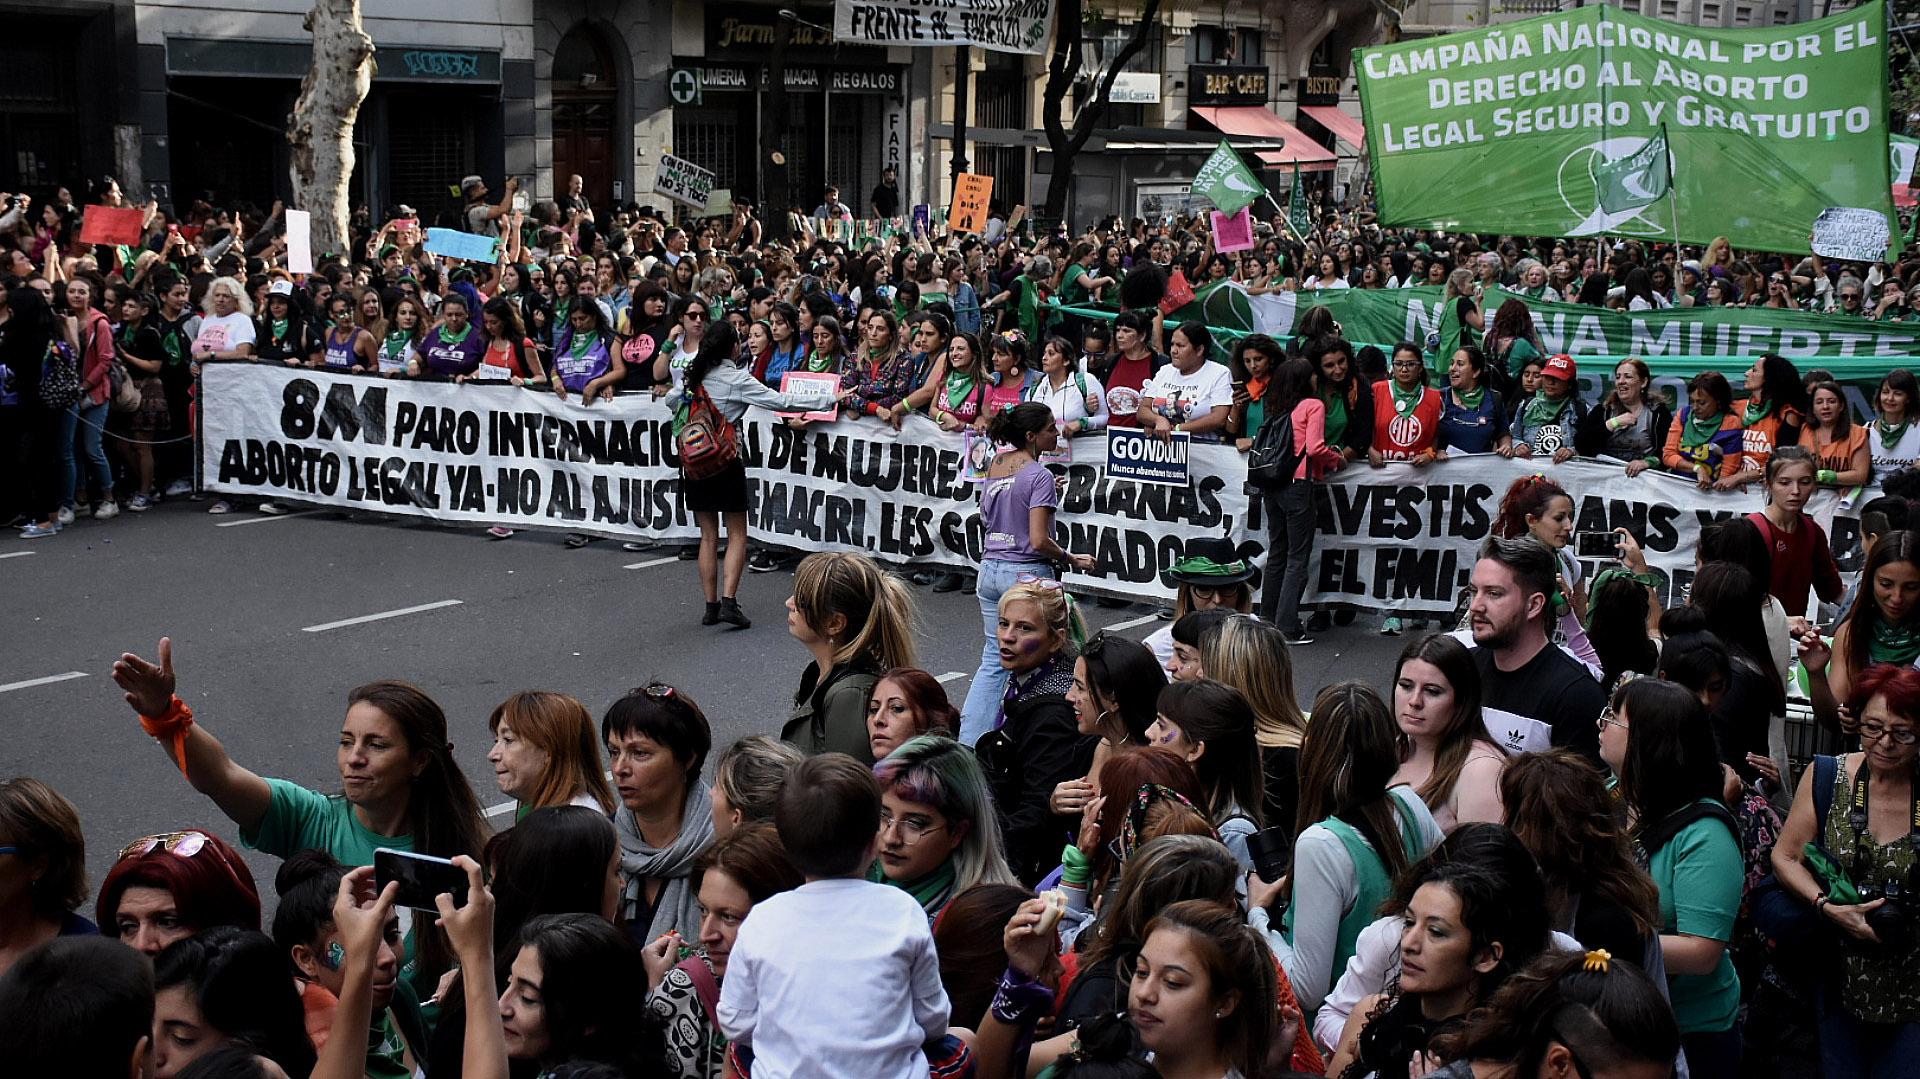 La columna principal de la manifestación que atravesó la Avenida de Mayo (Nicolás Stulberg)